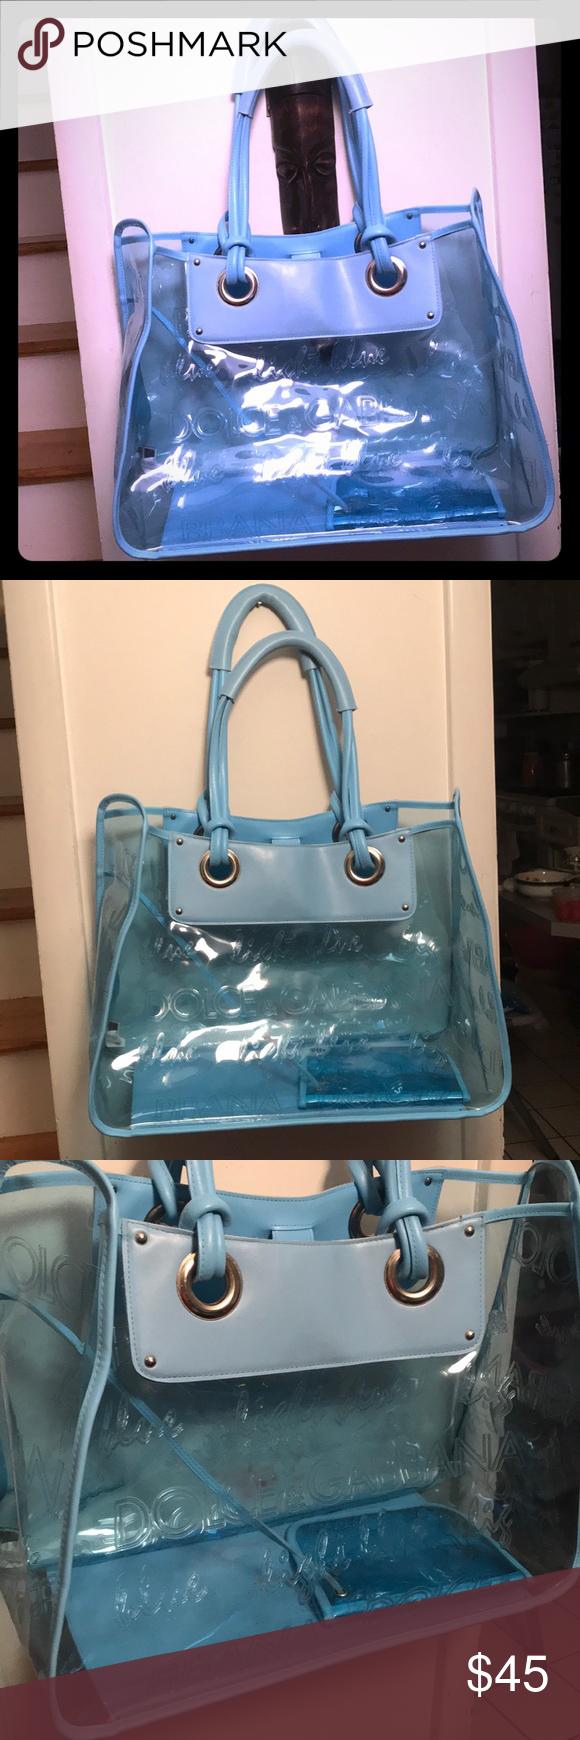 Dolce   Gabbana Light Blue Beach Bag Large Light Blue Clear Bag Dolce   Gabbana  Bags Totes b1041dd8f608c